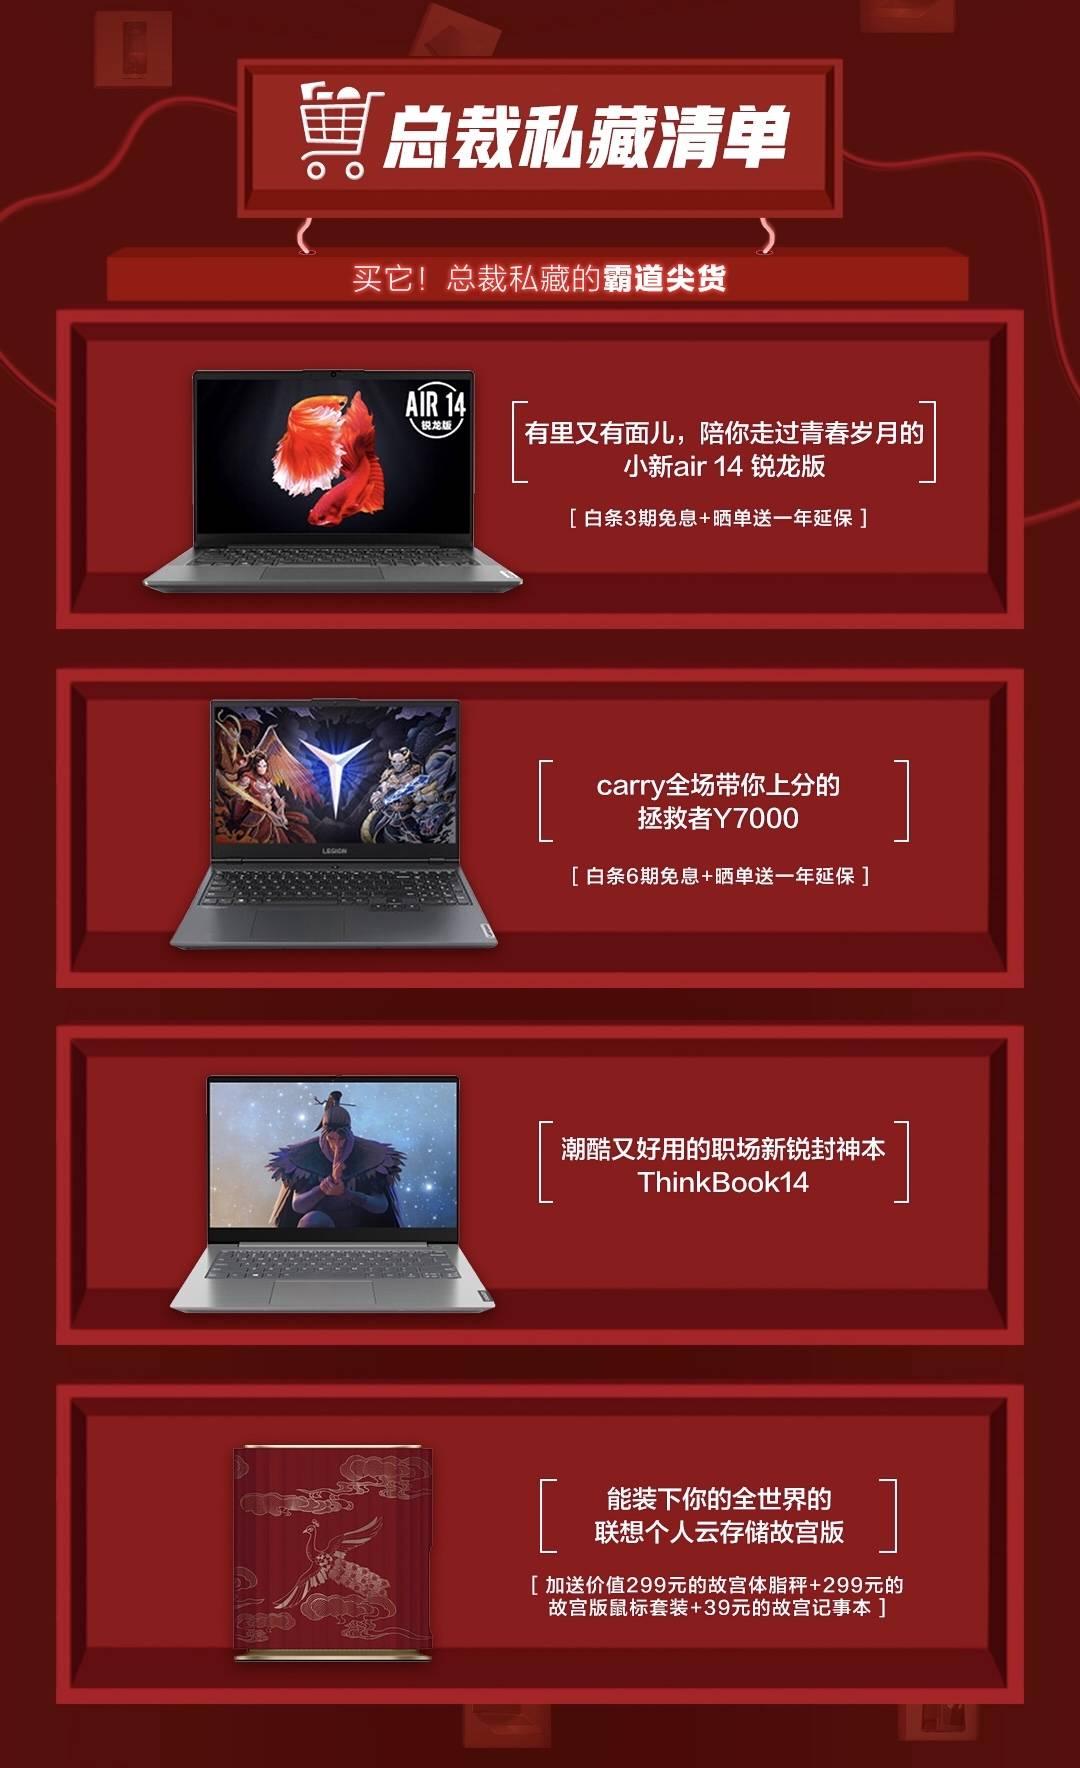 谁会是抽中笔记本电脑的锦鲤?6月1日联想刘军将在京东直播送福利